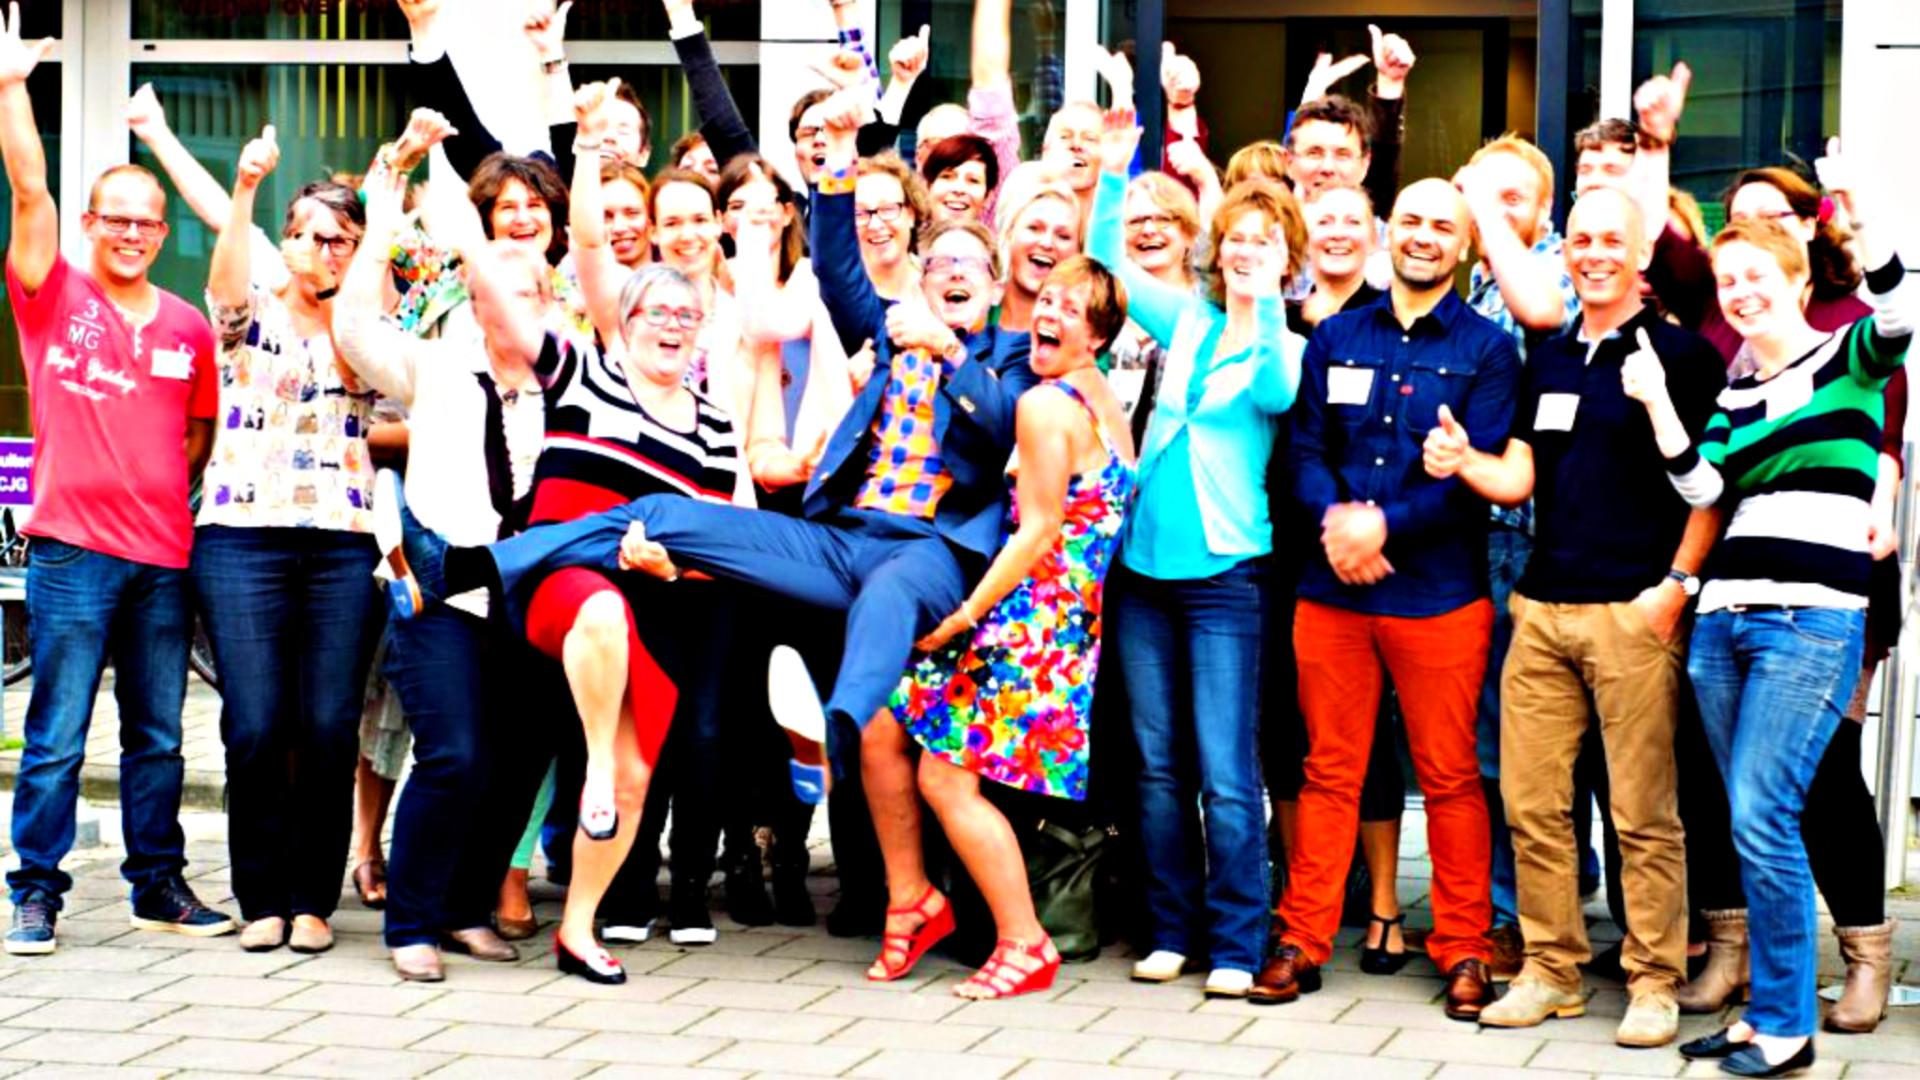 www.loopbaanregisseur.nl/2-soul-power-training-waar-kom-je-vandaan